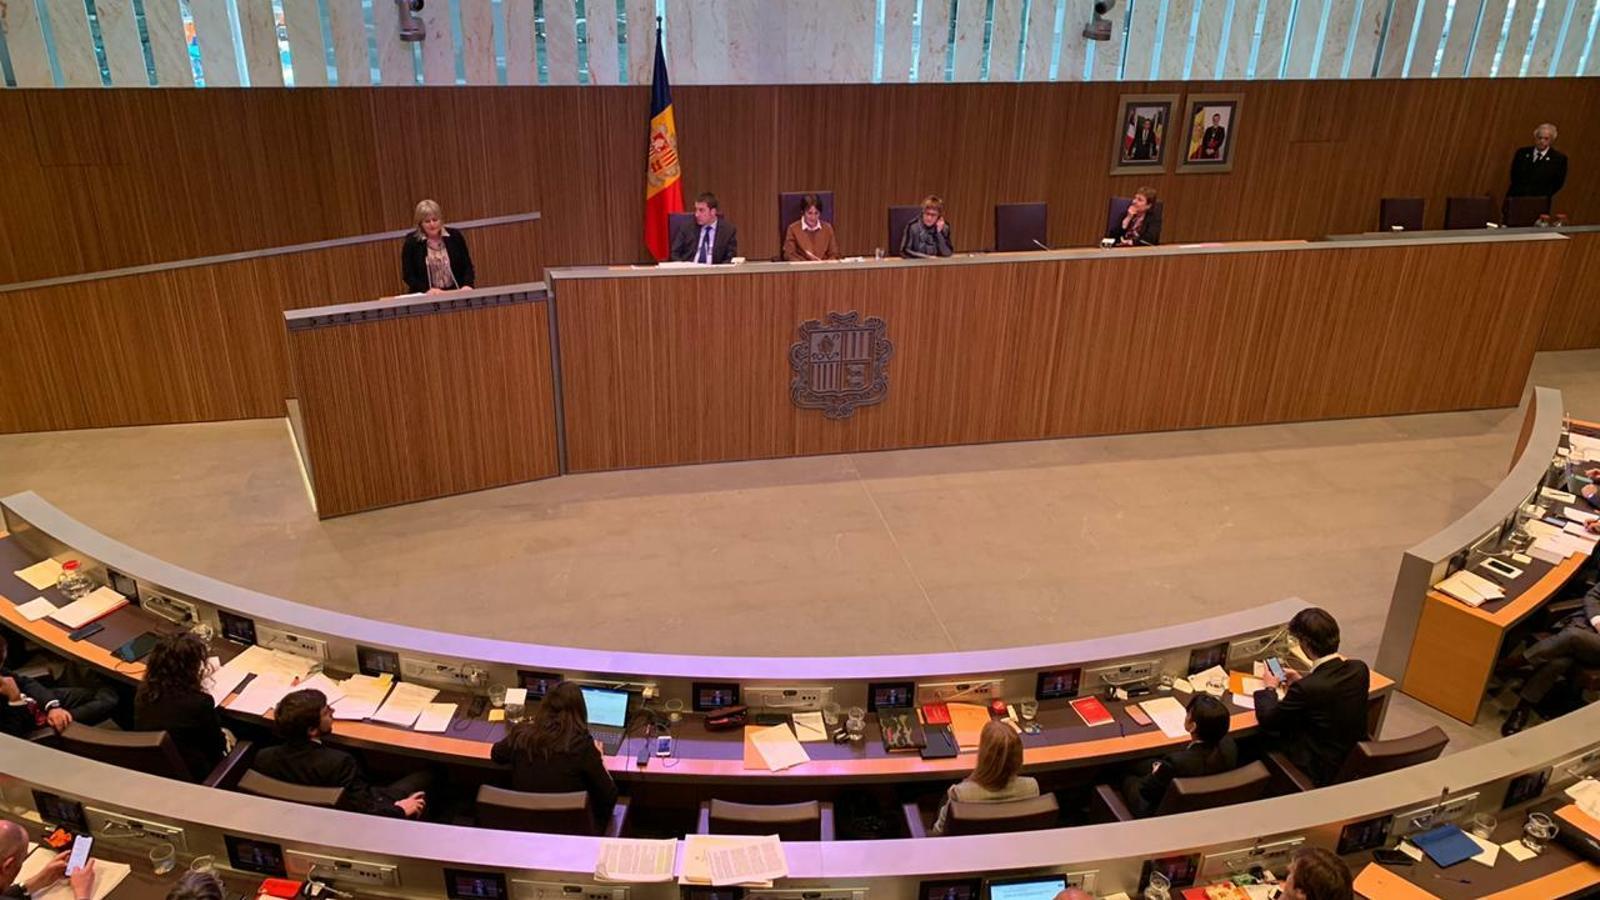 El ple del Consell General d'aquest dijous. / C. A. (ANA)